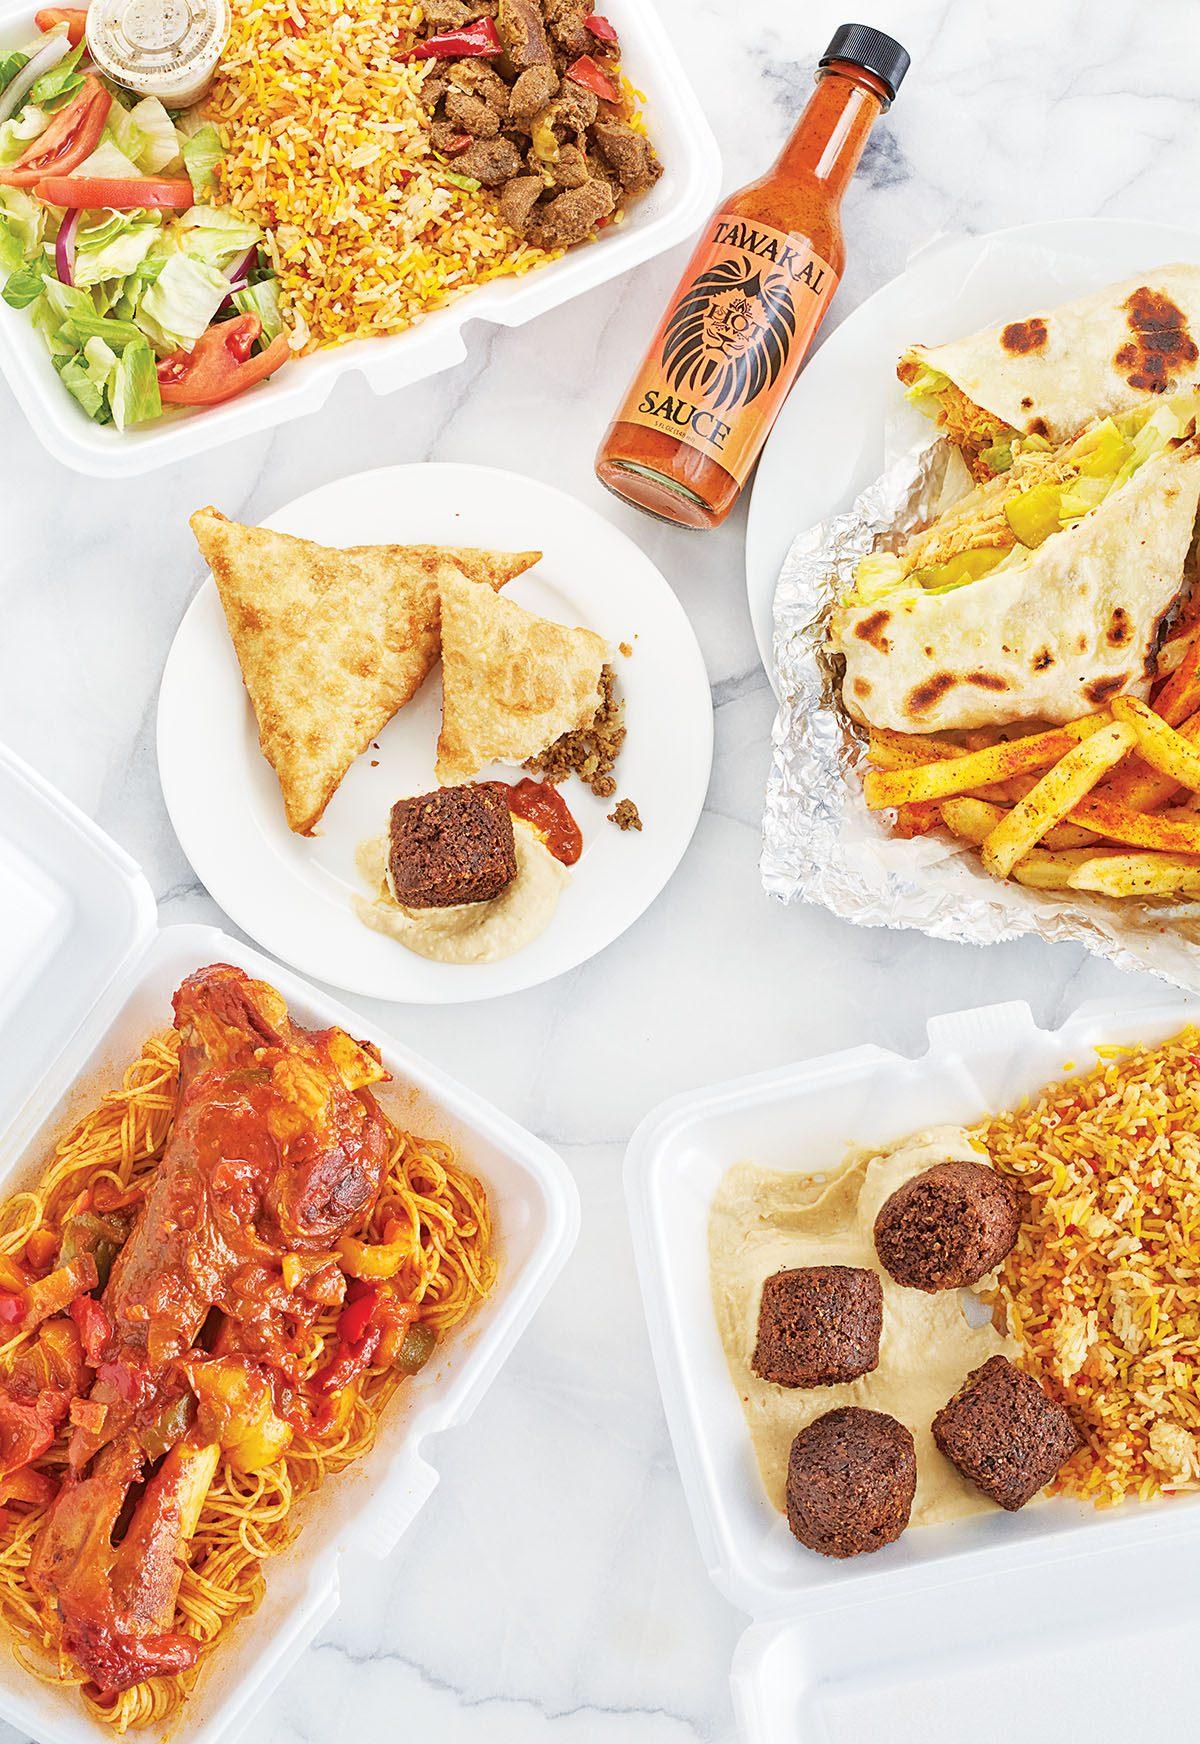 Tawakal Halal Cafe Best Neighborhood Takeout Eastie In Boston